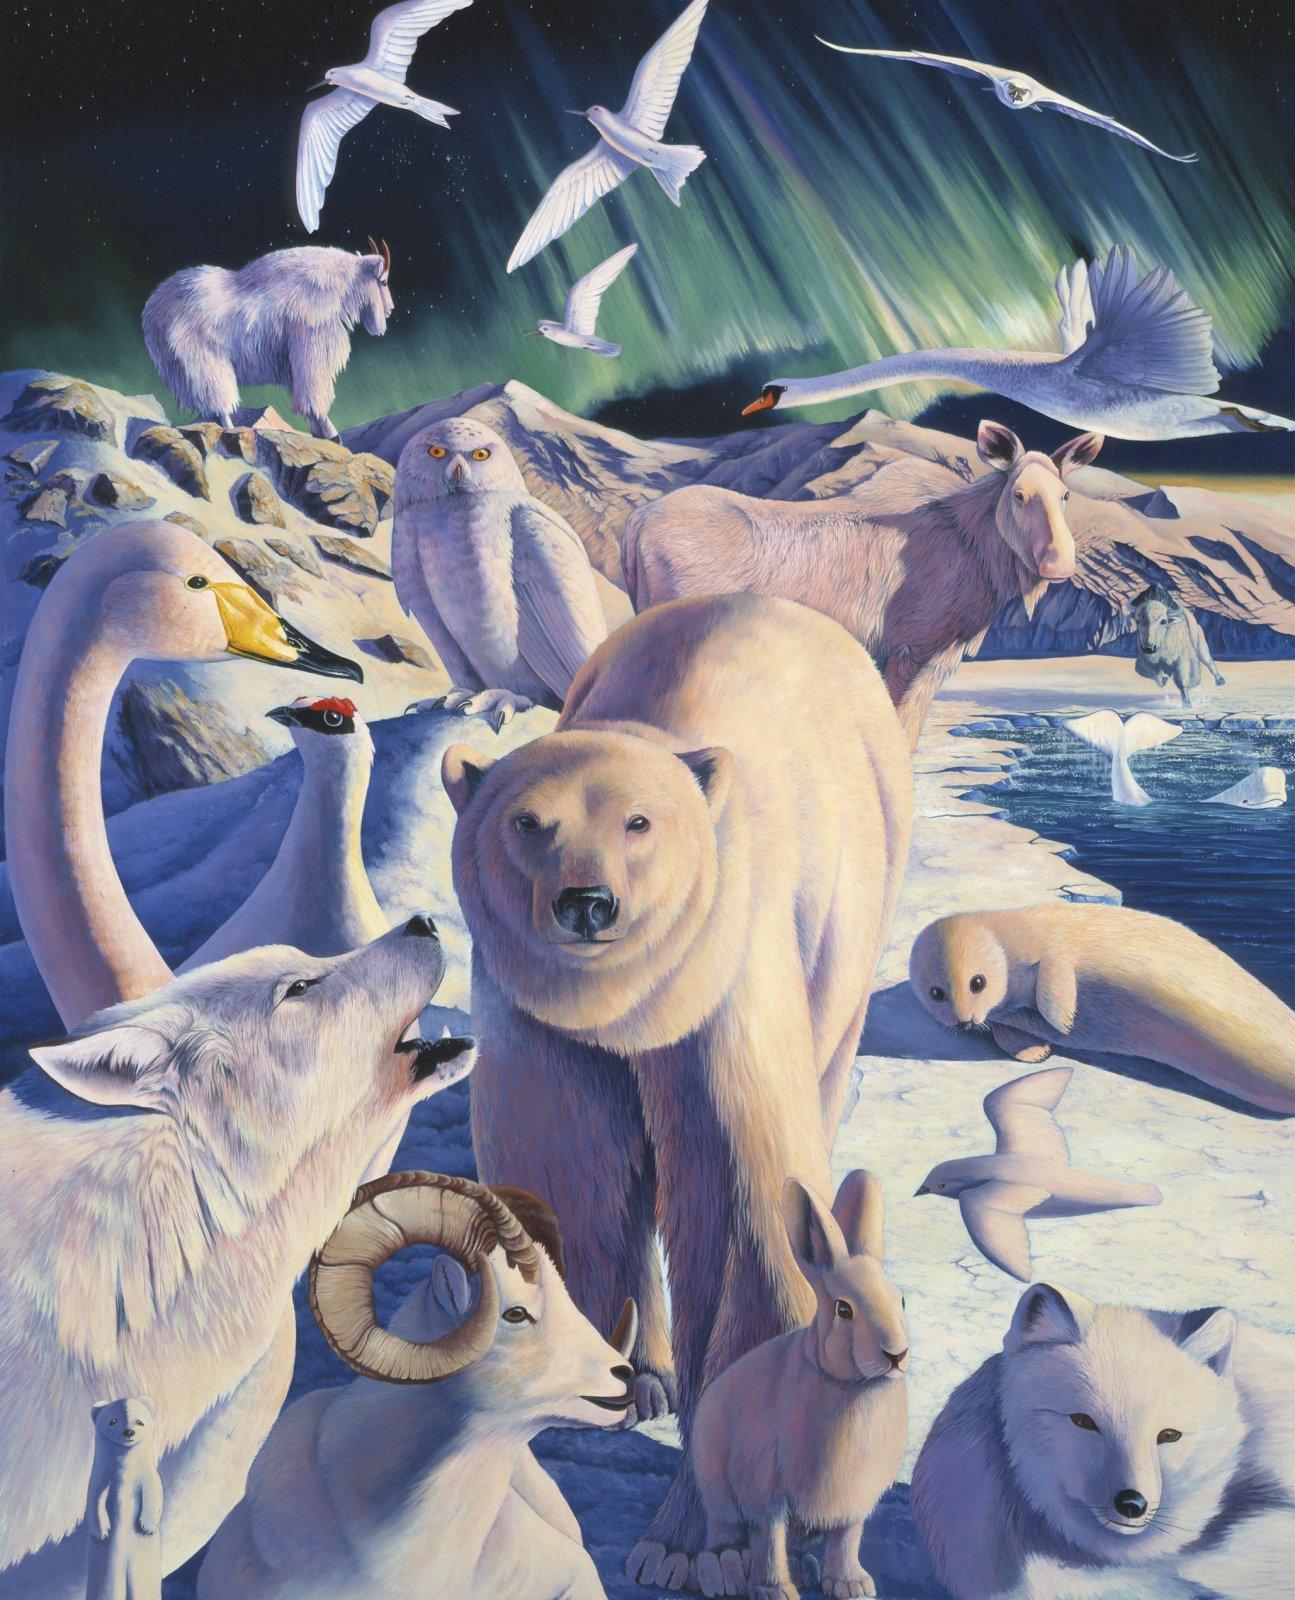 PROMO* DT-Foust Exclusives AL-4530-1C-1 Arctic Mysteries Panel (35.5 x 45)